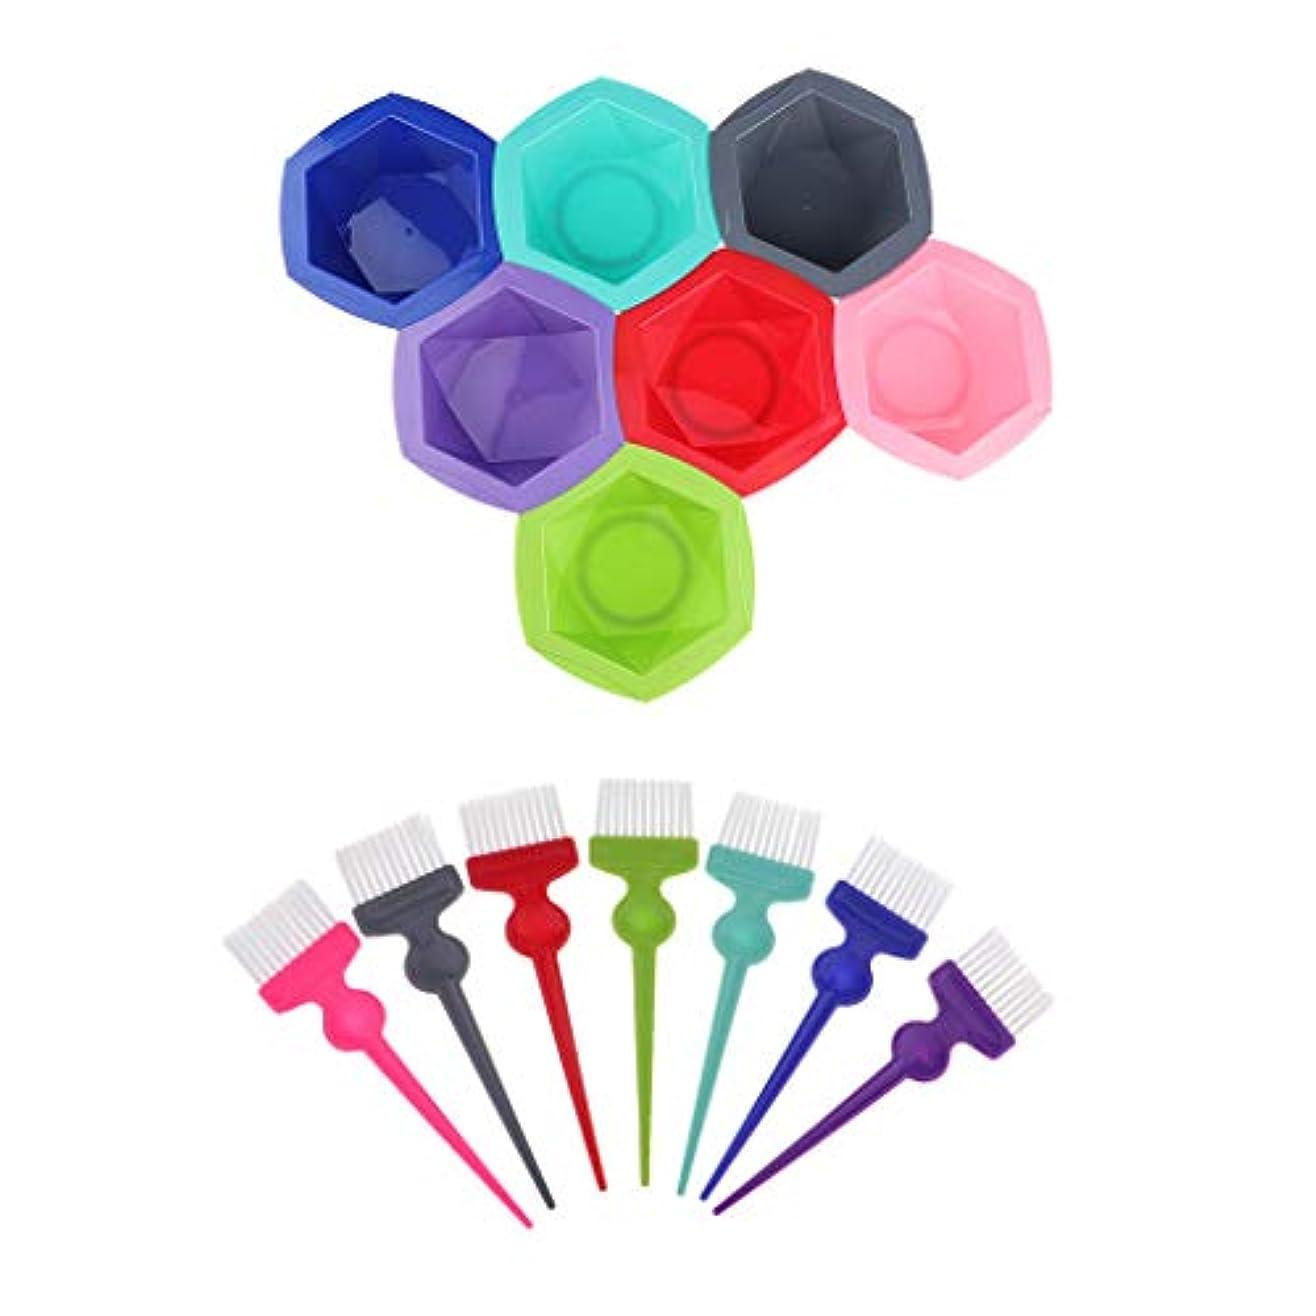 賞賛する受け皿部屋を掃除するToygogo 7ピース/個/セットサロン美容用プロフェッショナルサロンヘアカラーリング染色キット